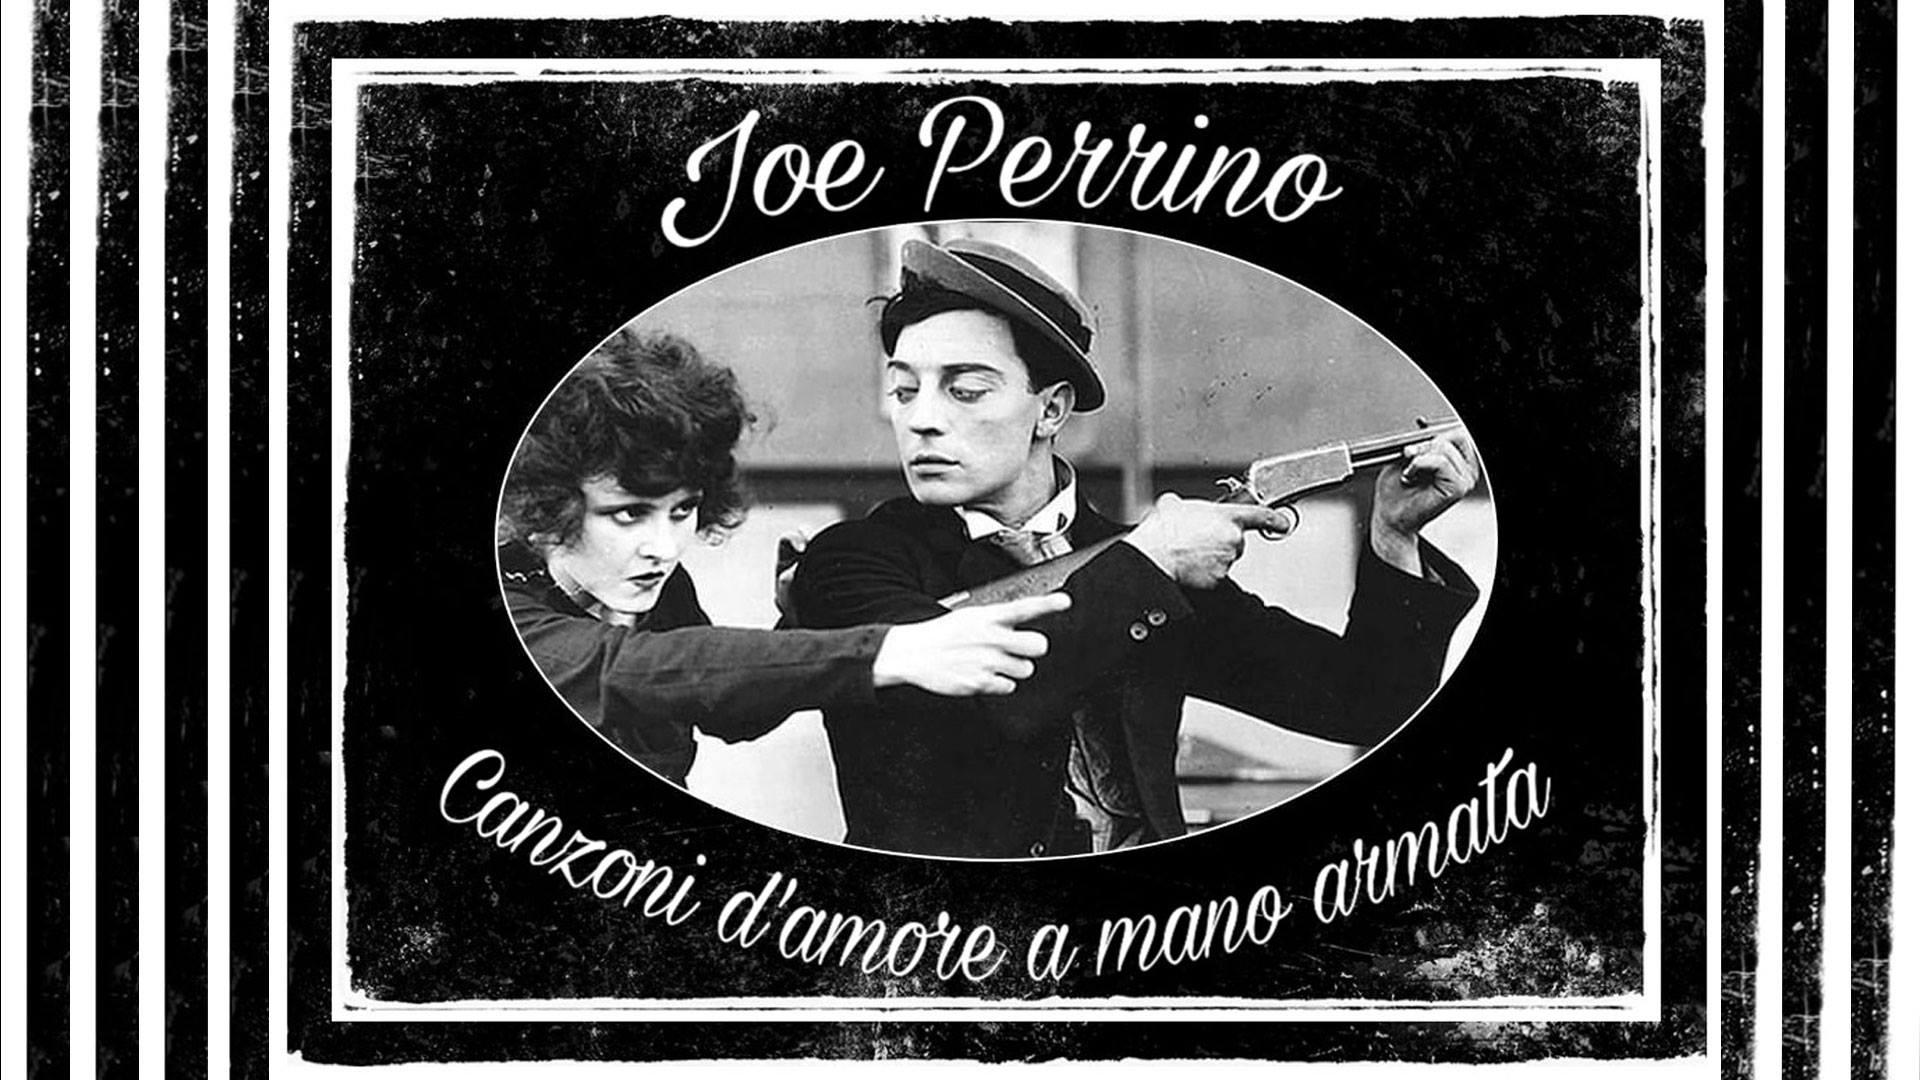 Repeater - Joe Perrino - Old Square - Cagliari - 31 gennaio 2020 - eventi - 2020 - Sa Scena Sarda